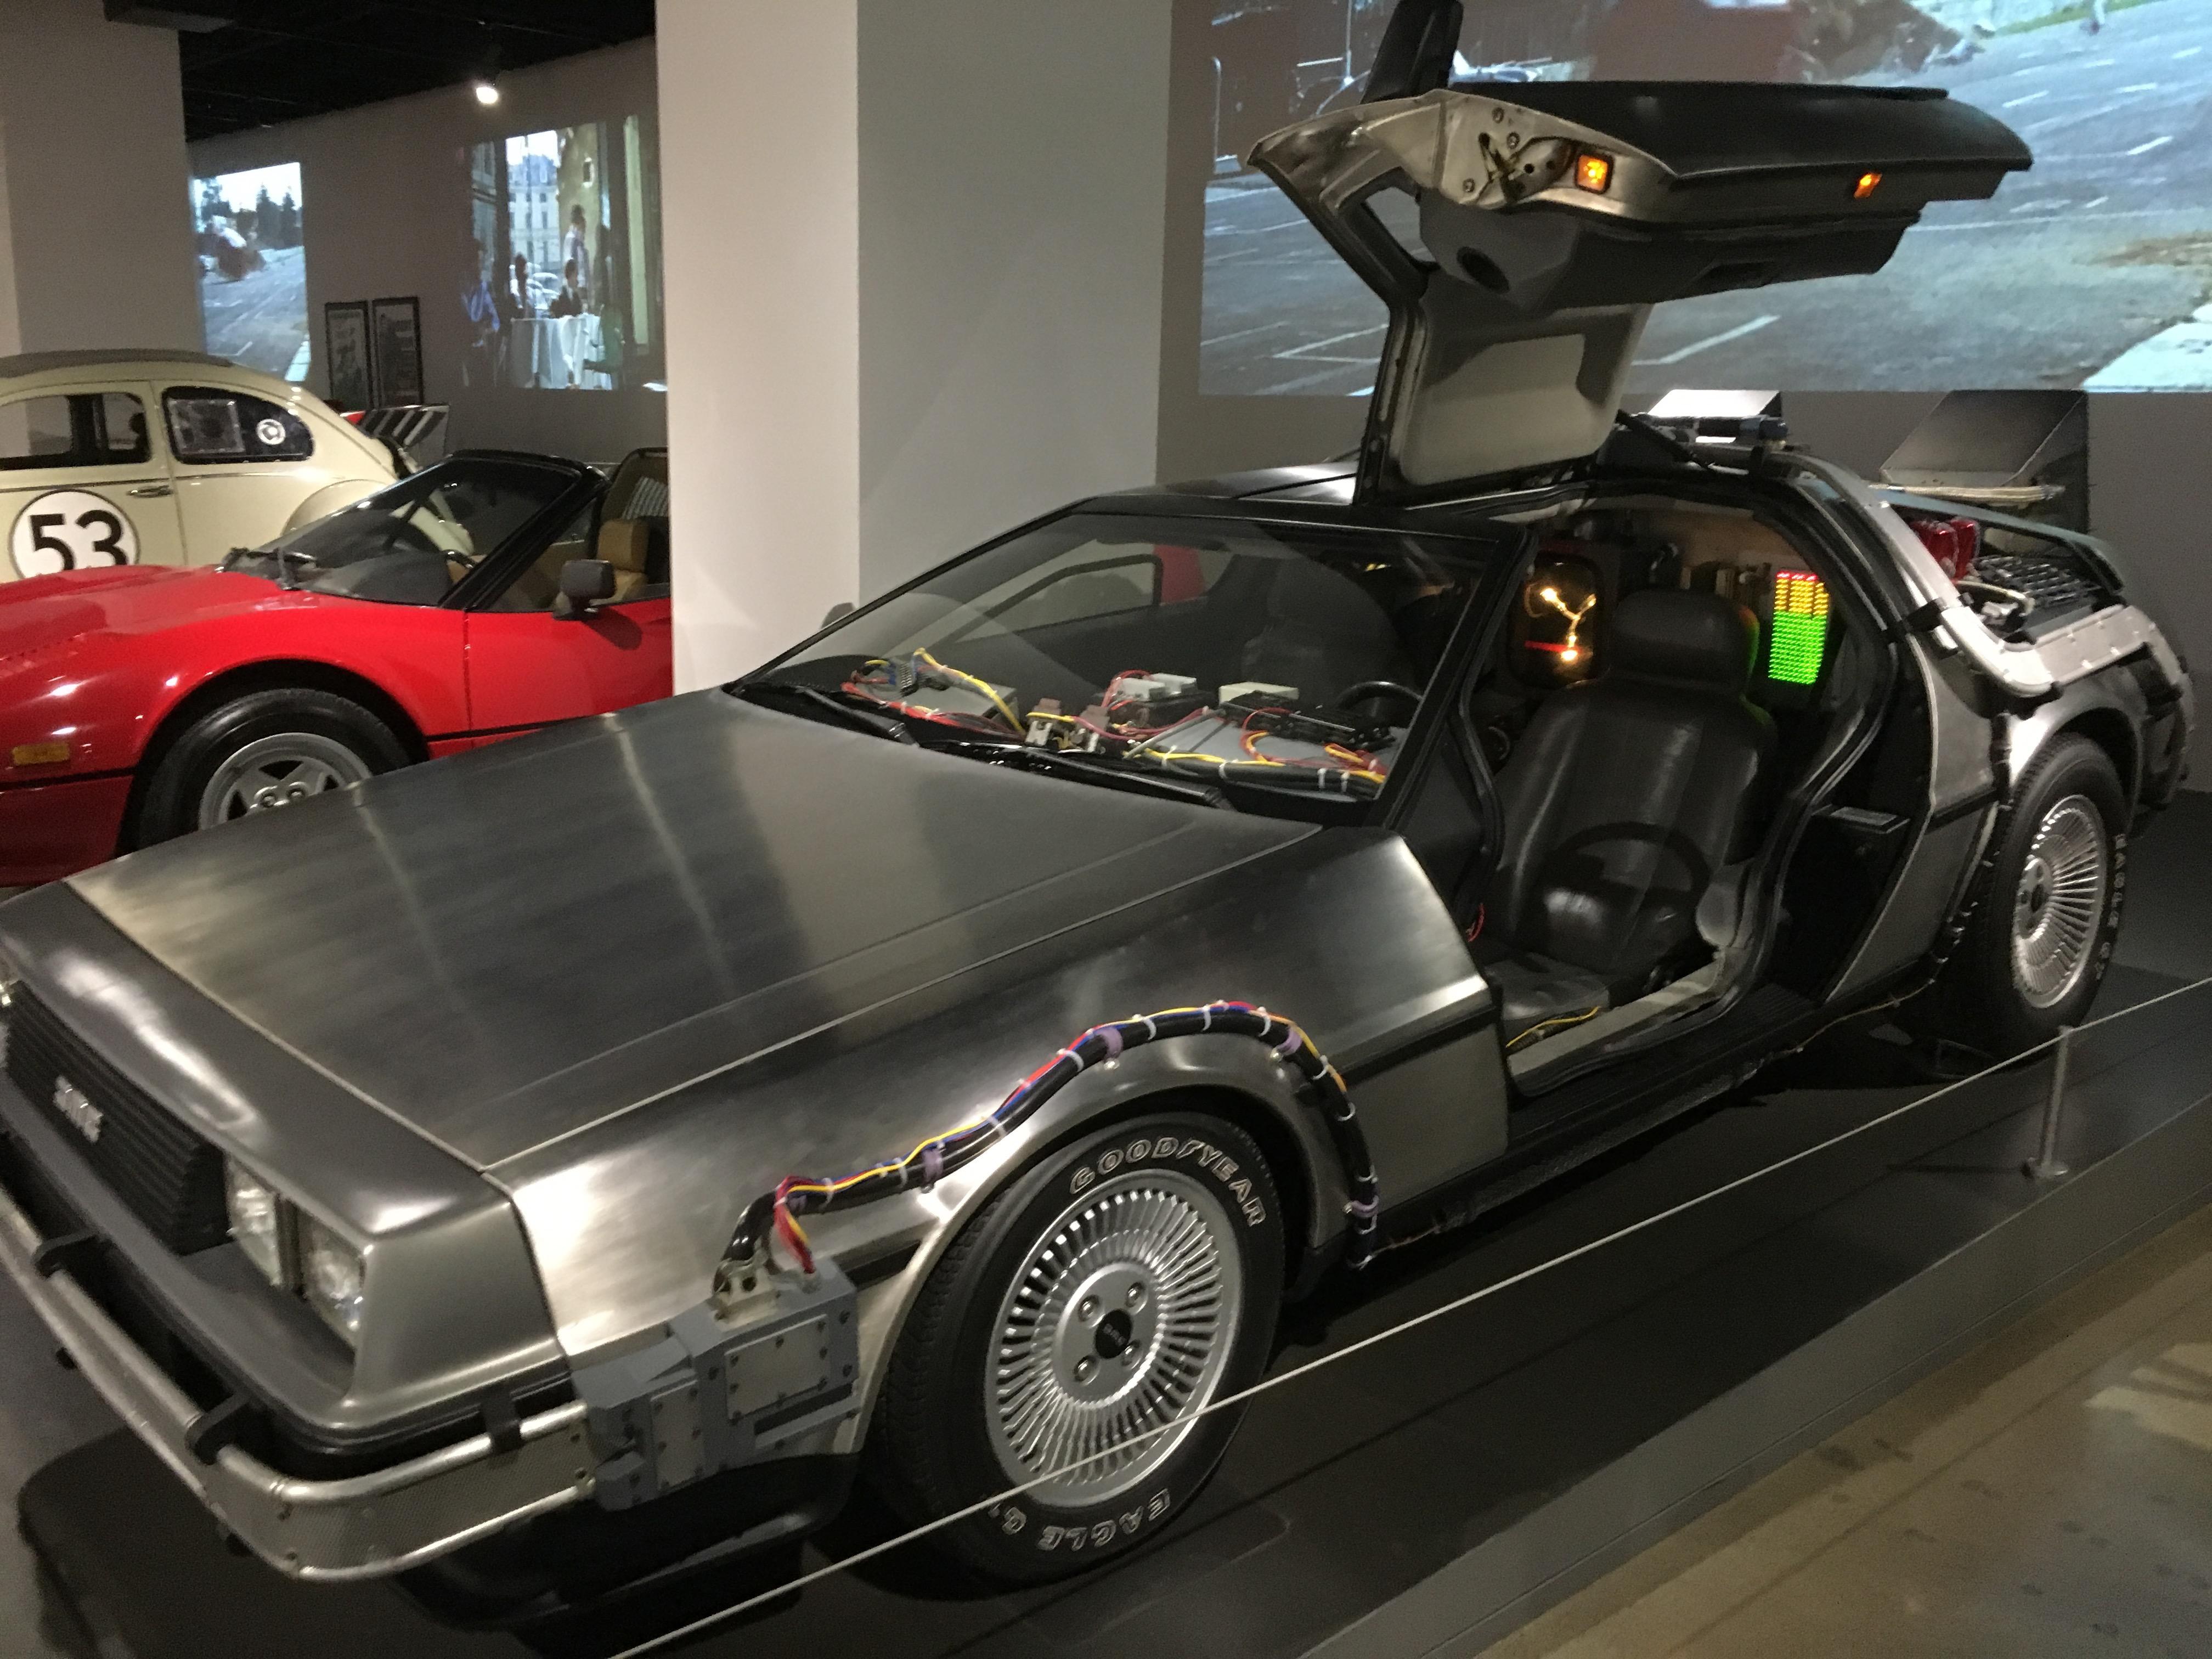 1981 Delorean Time Machine, Back to the Future